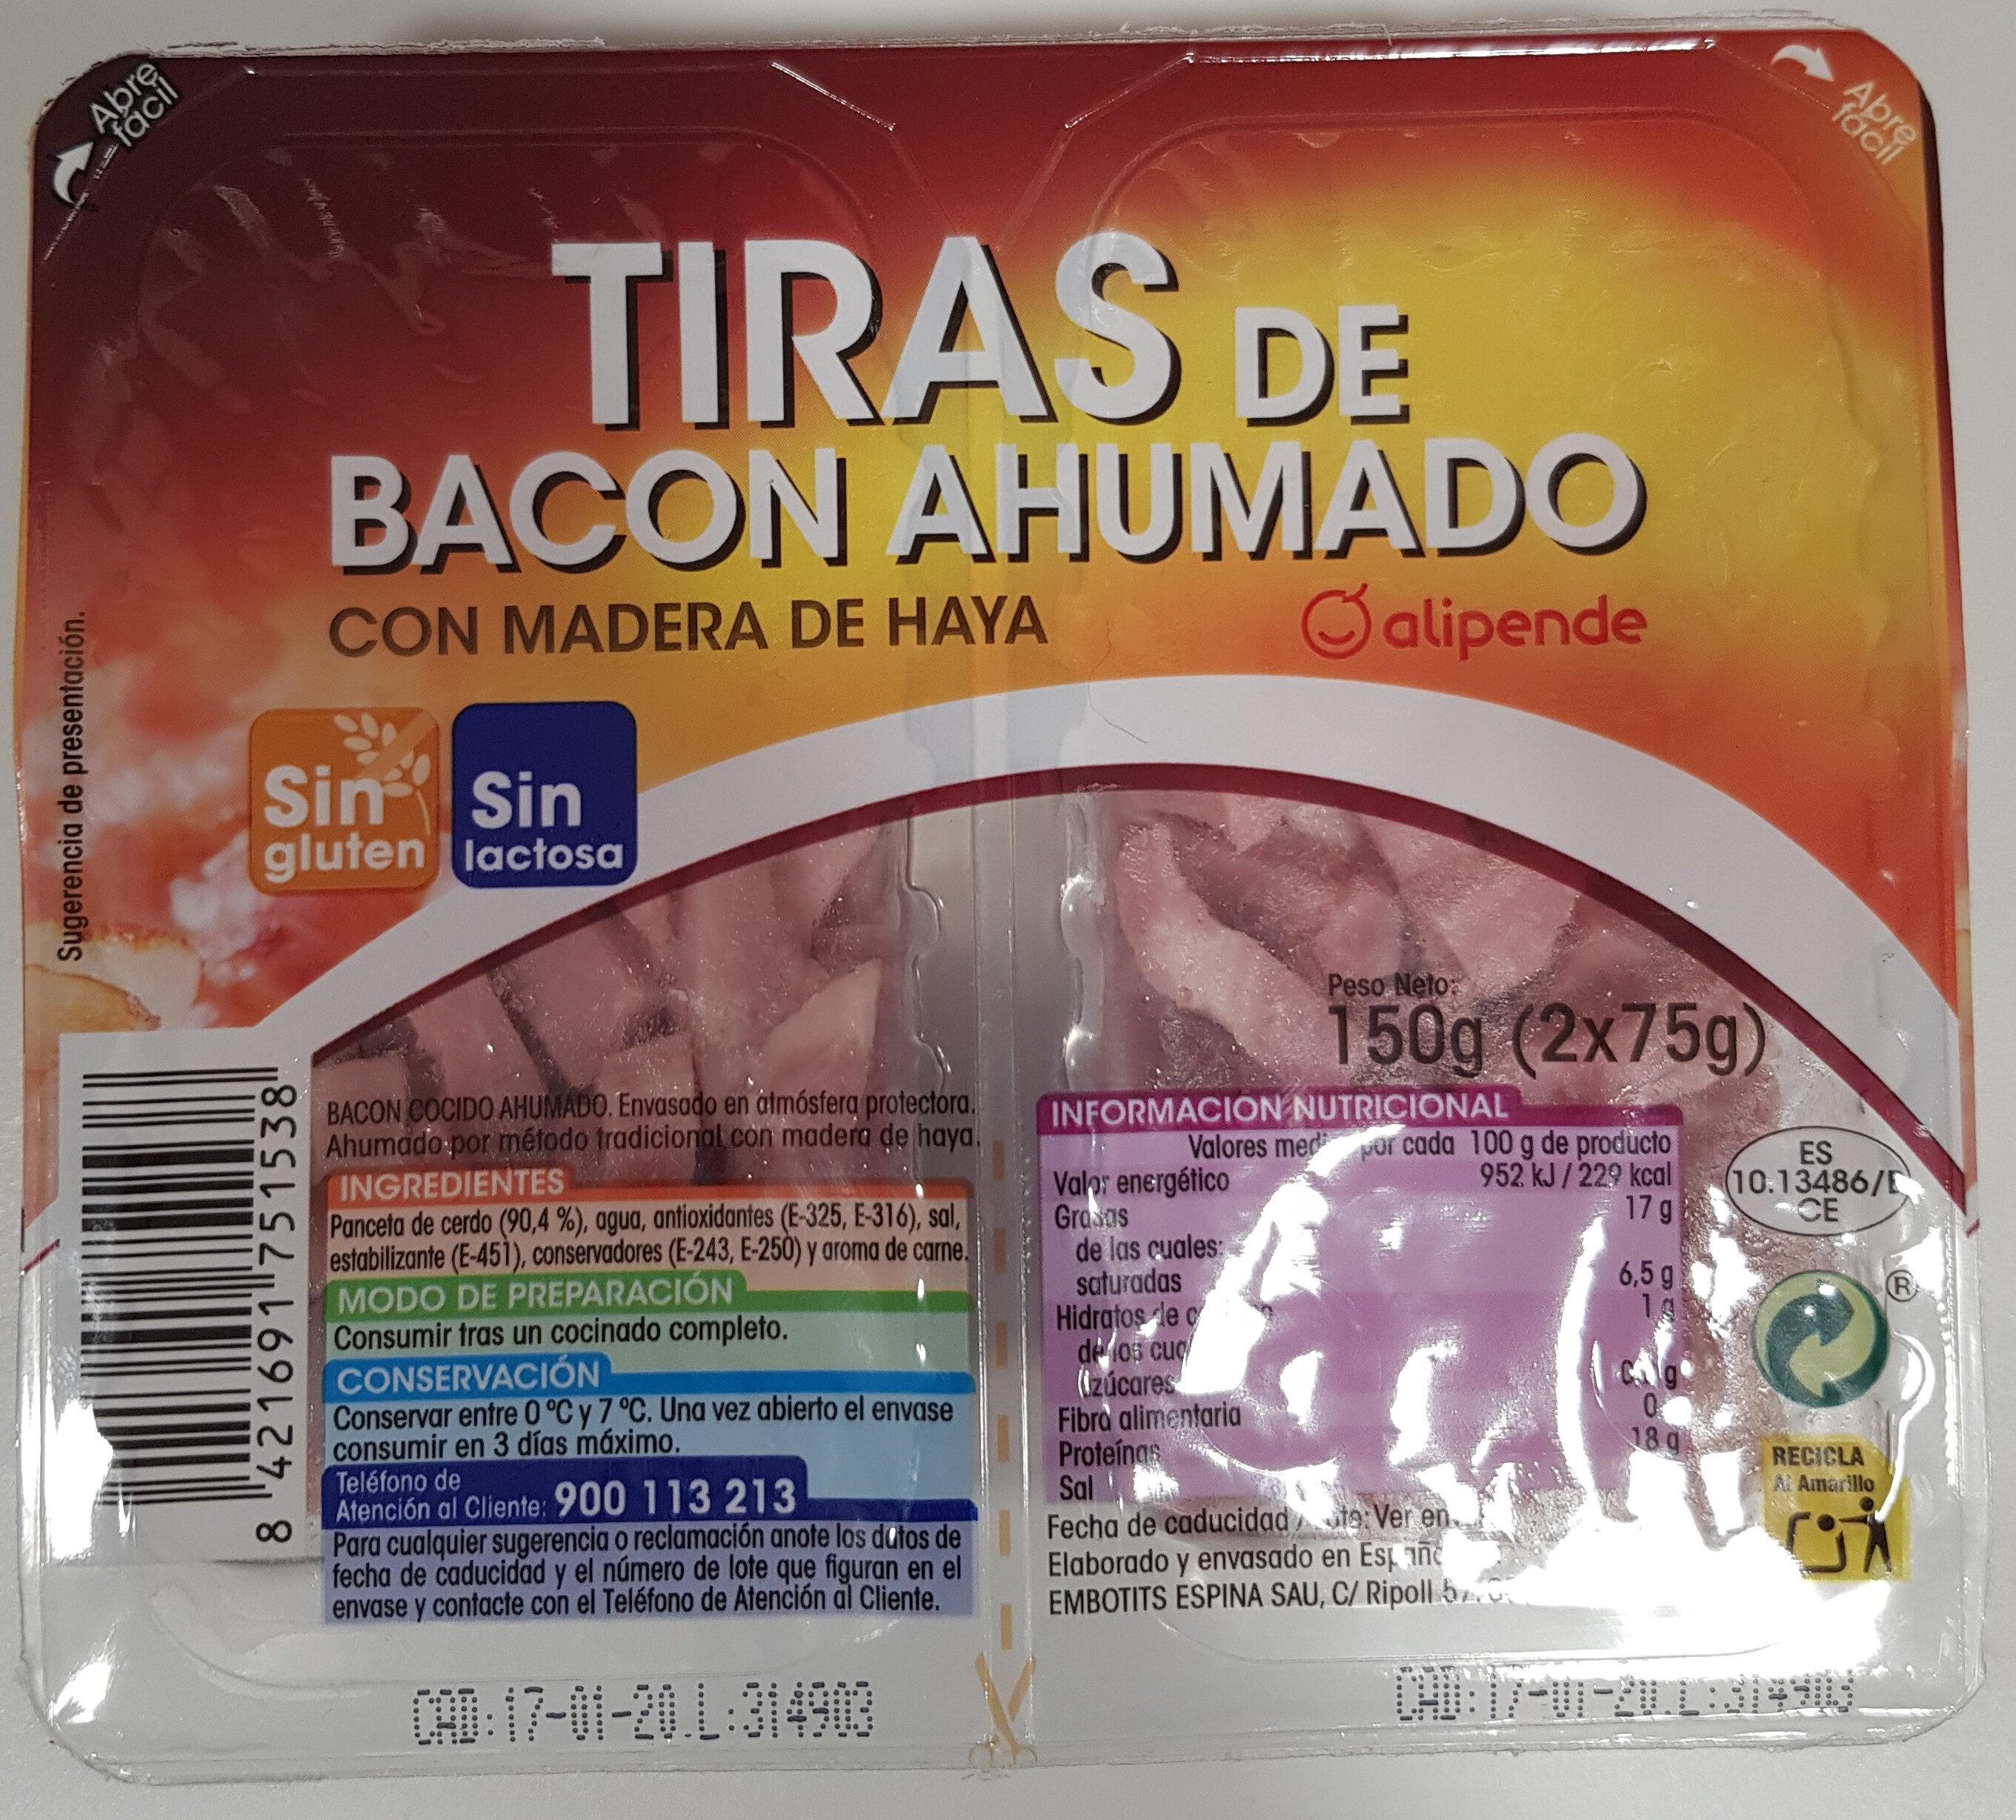 Tiras de bacon ahumado - Producto - es